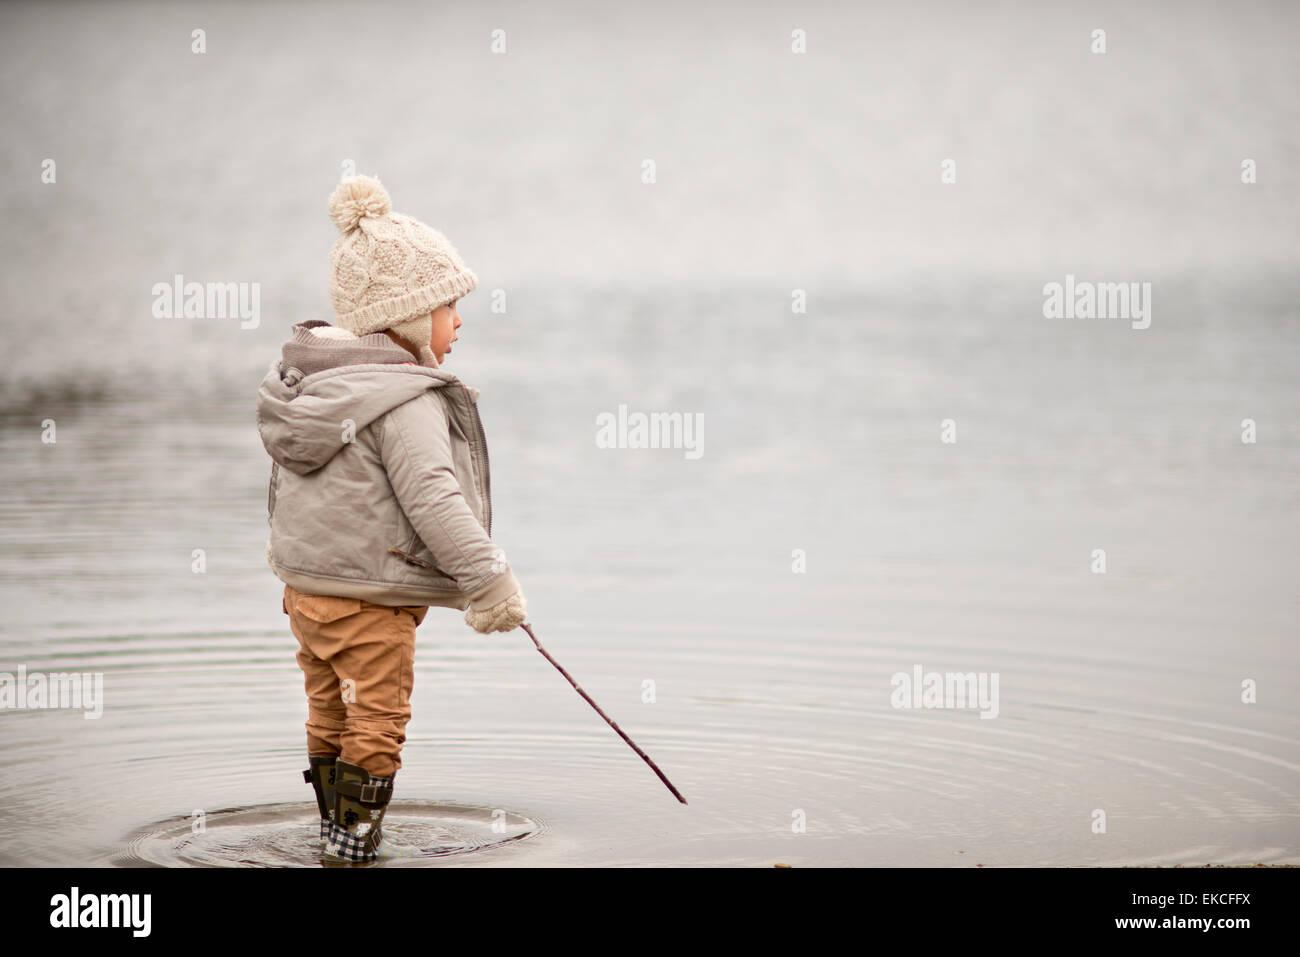 Joven de pie en un lago, sosteniendo un palo Foto de stock